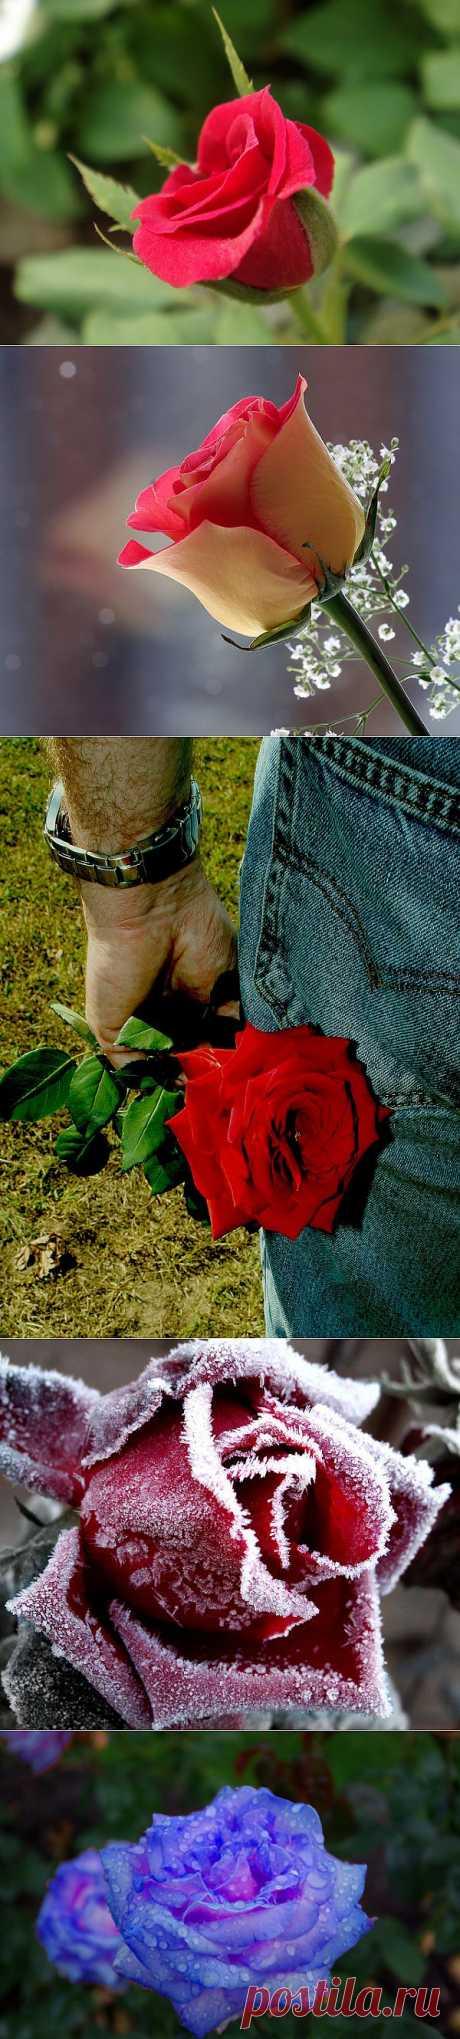 Красивые фотографии роз (30 фото) | Прикольные картинки, интересные фотографии, фото девушек, смешные и интересные видео, фото приколы